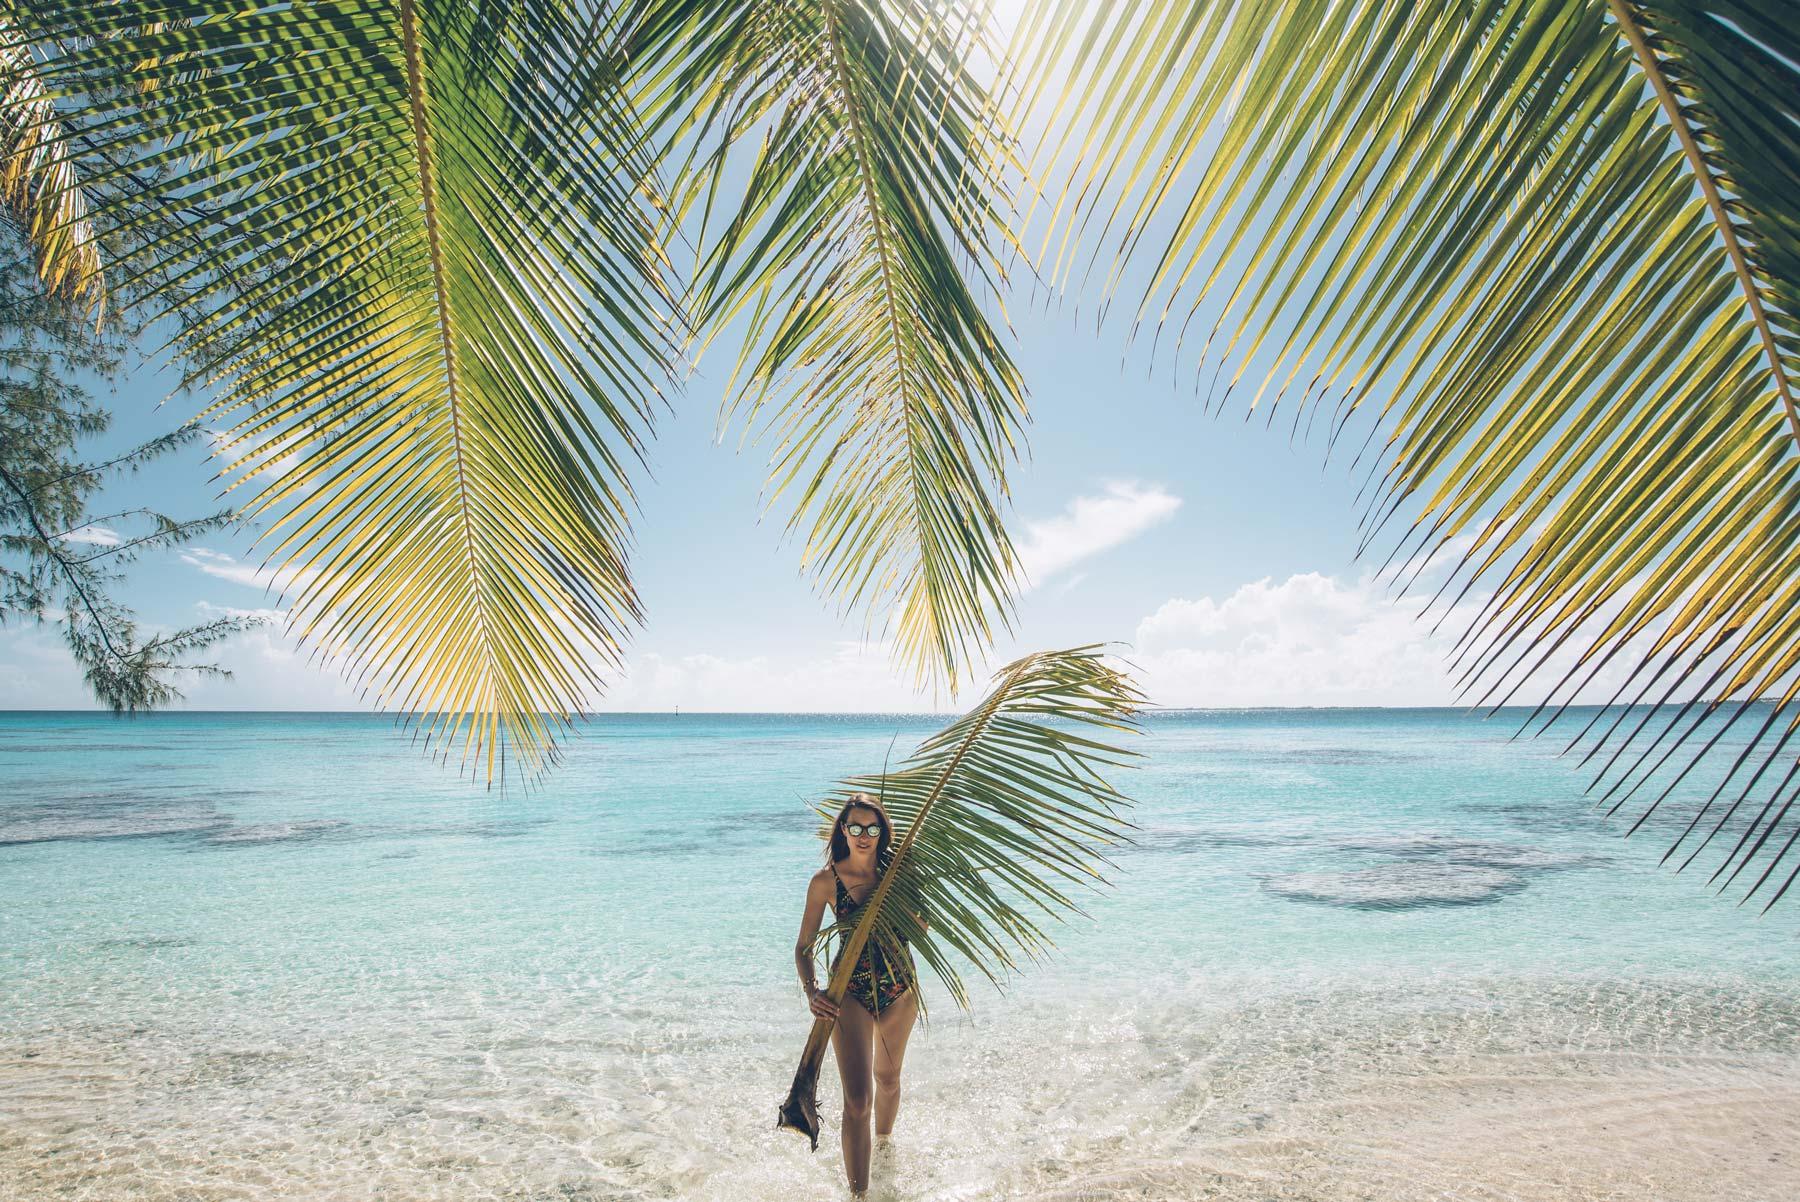 Plage le long de la route, Fakarava, Polynésie Française